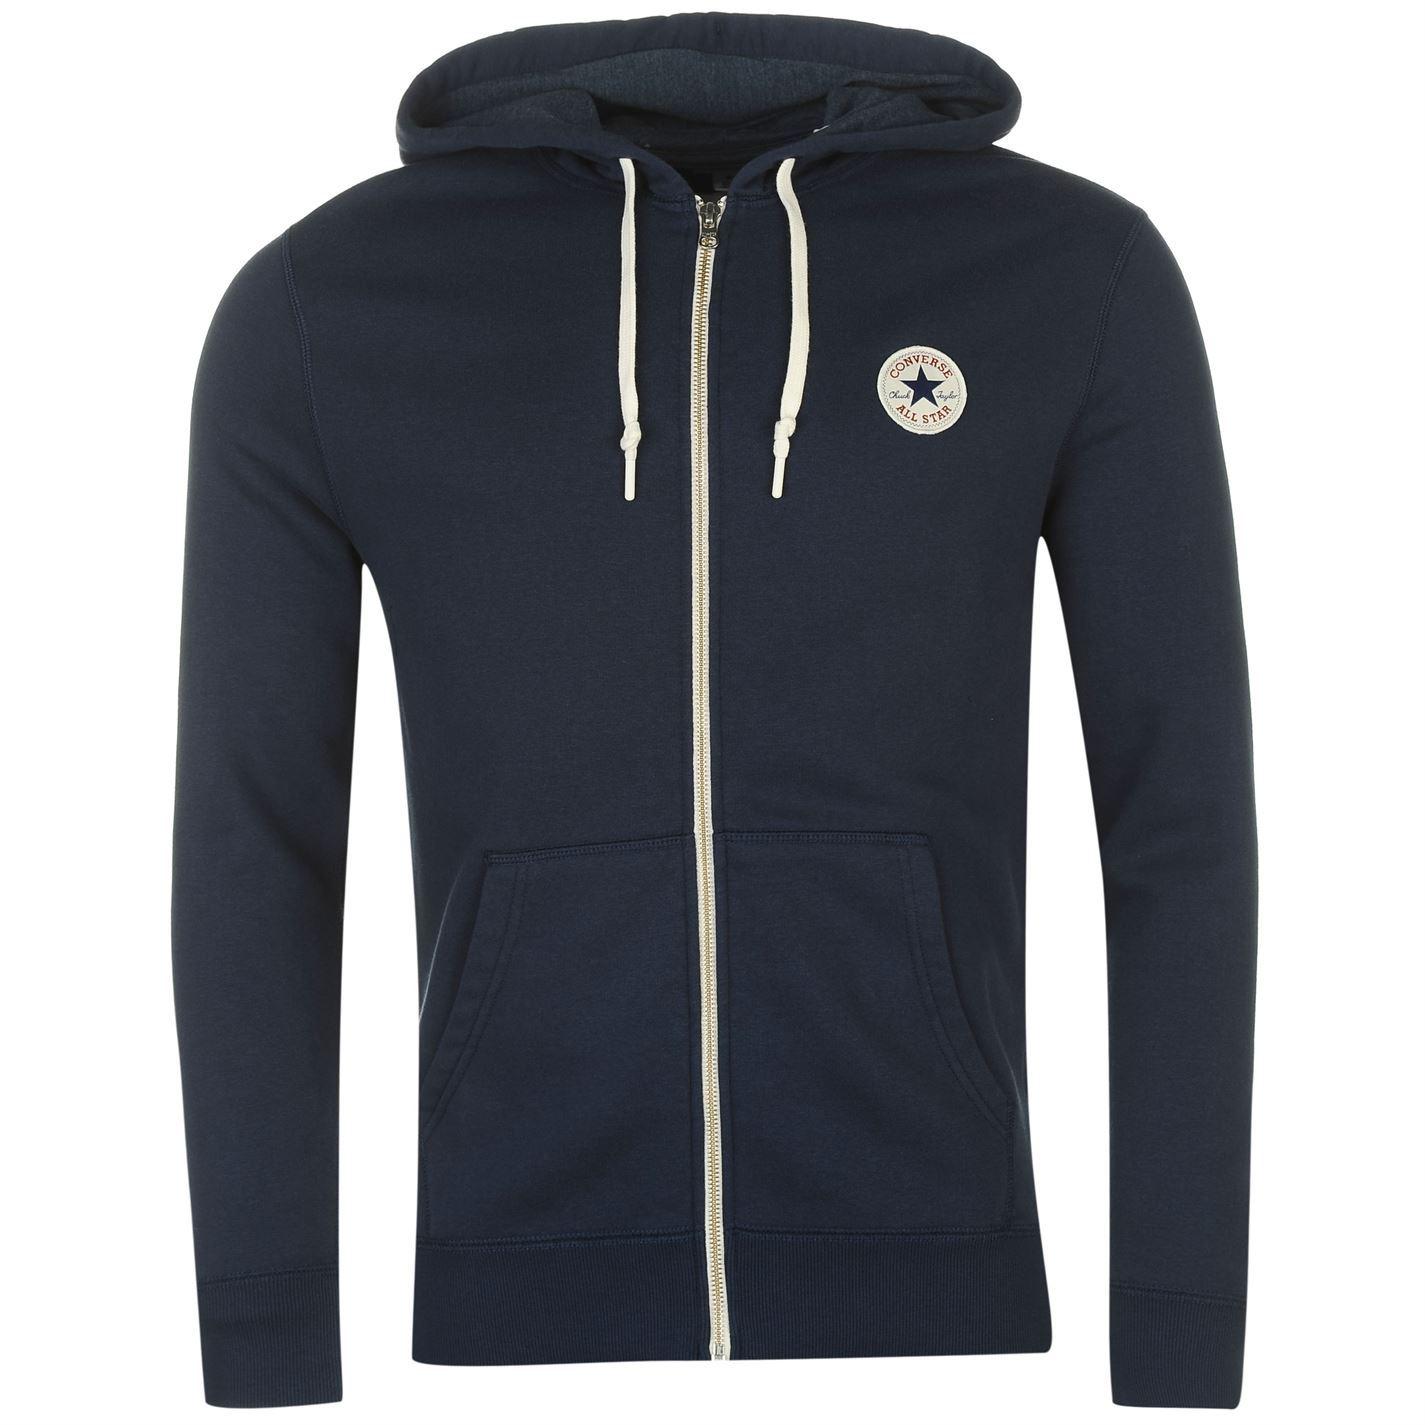 thumbnail 13 - Converse Core Full Zip Hoody Jacket Mens Hoodie Sweatshirt Sweater Hooded Top